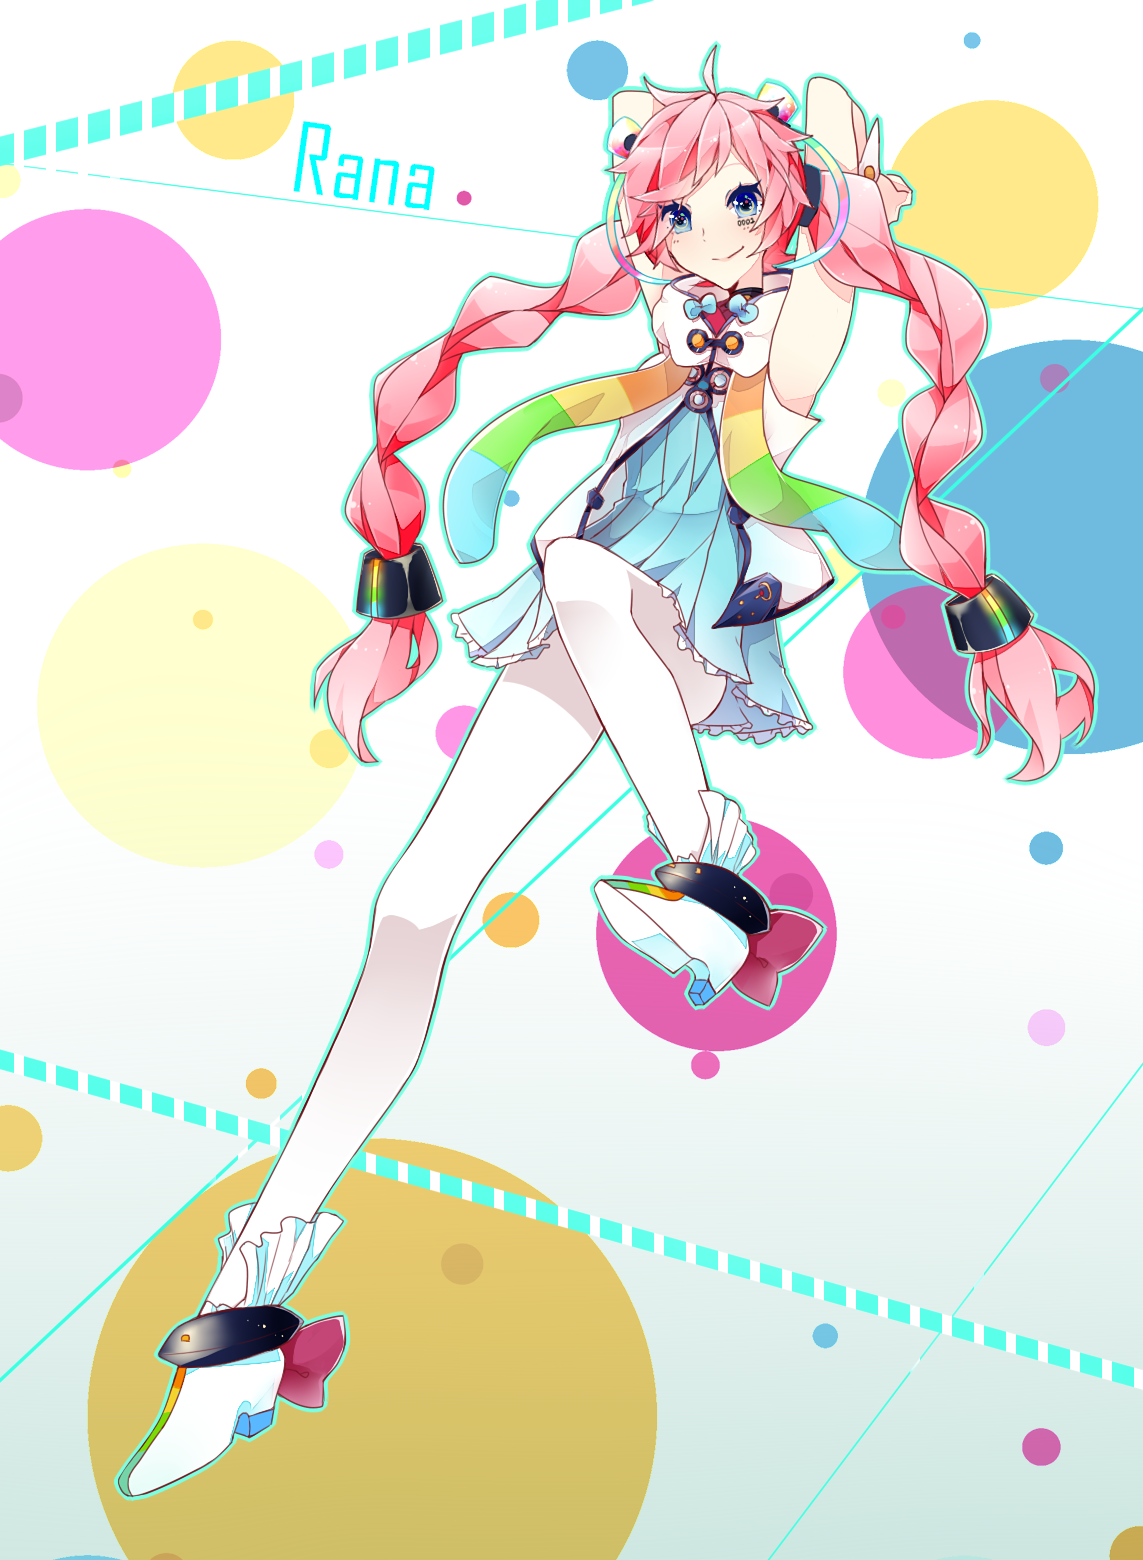 Rana Vocaloid Render